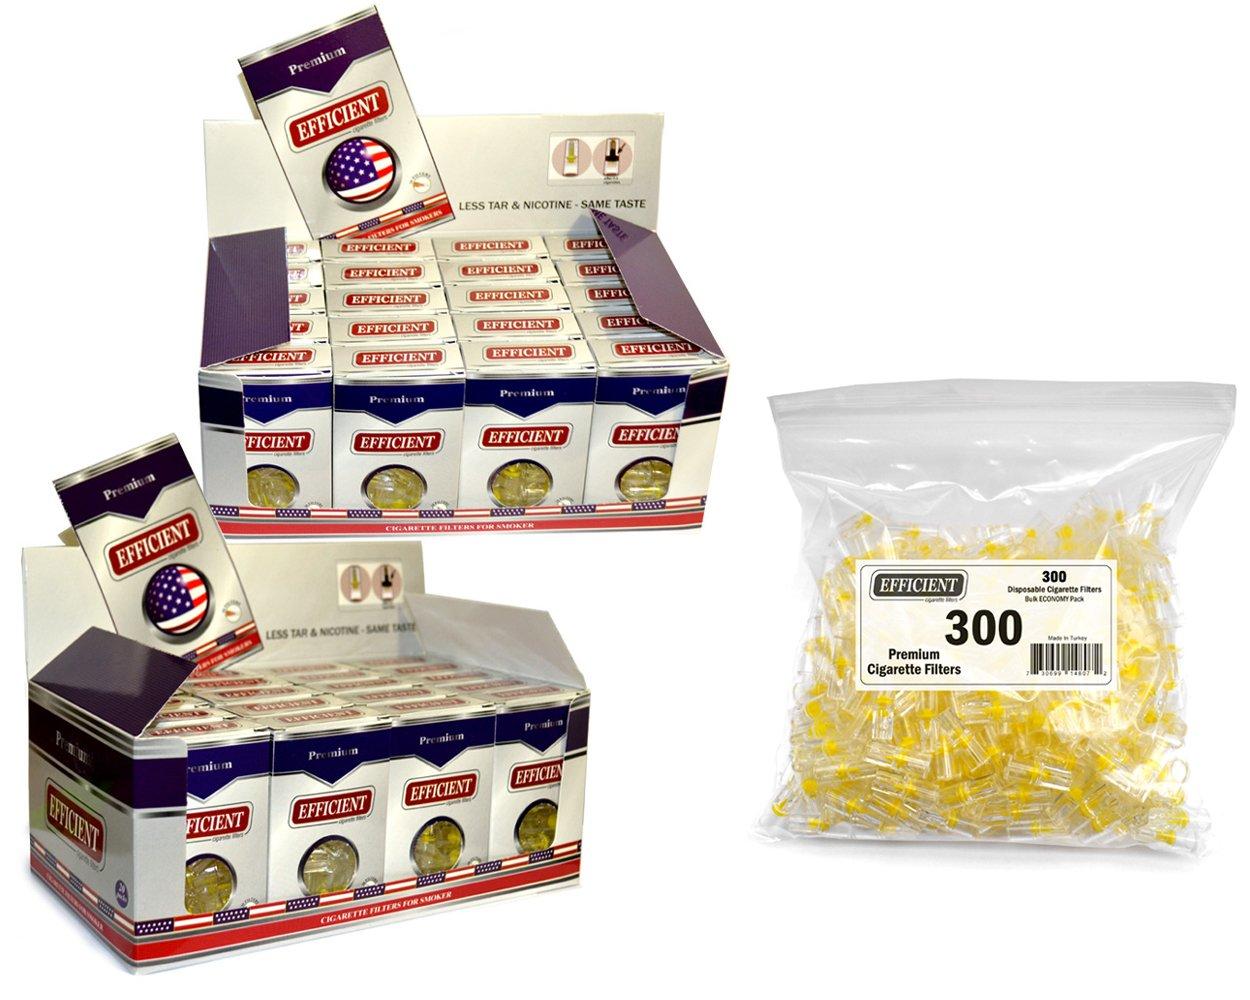 EFFICIENT Cigarette Filters, Filter Tips for Cigarette Smokers 40 Packs (1200 Filters) + 300 Bulk Filters